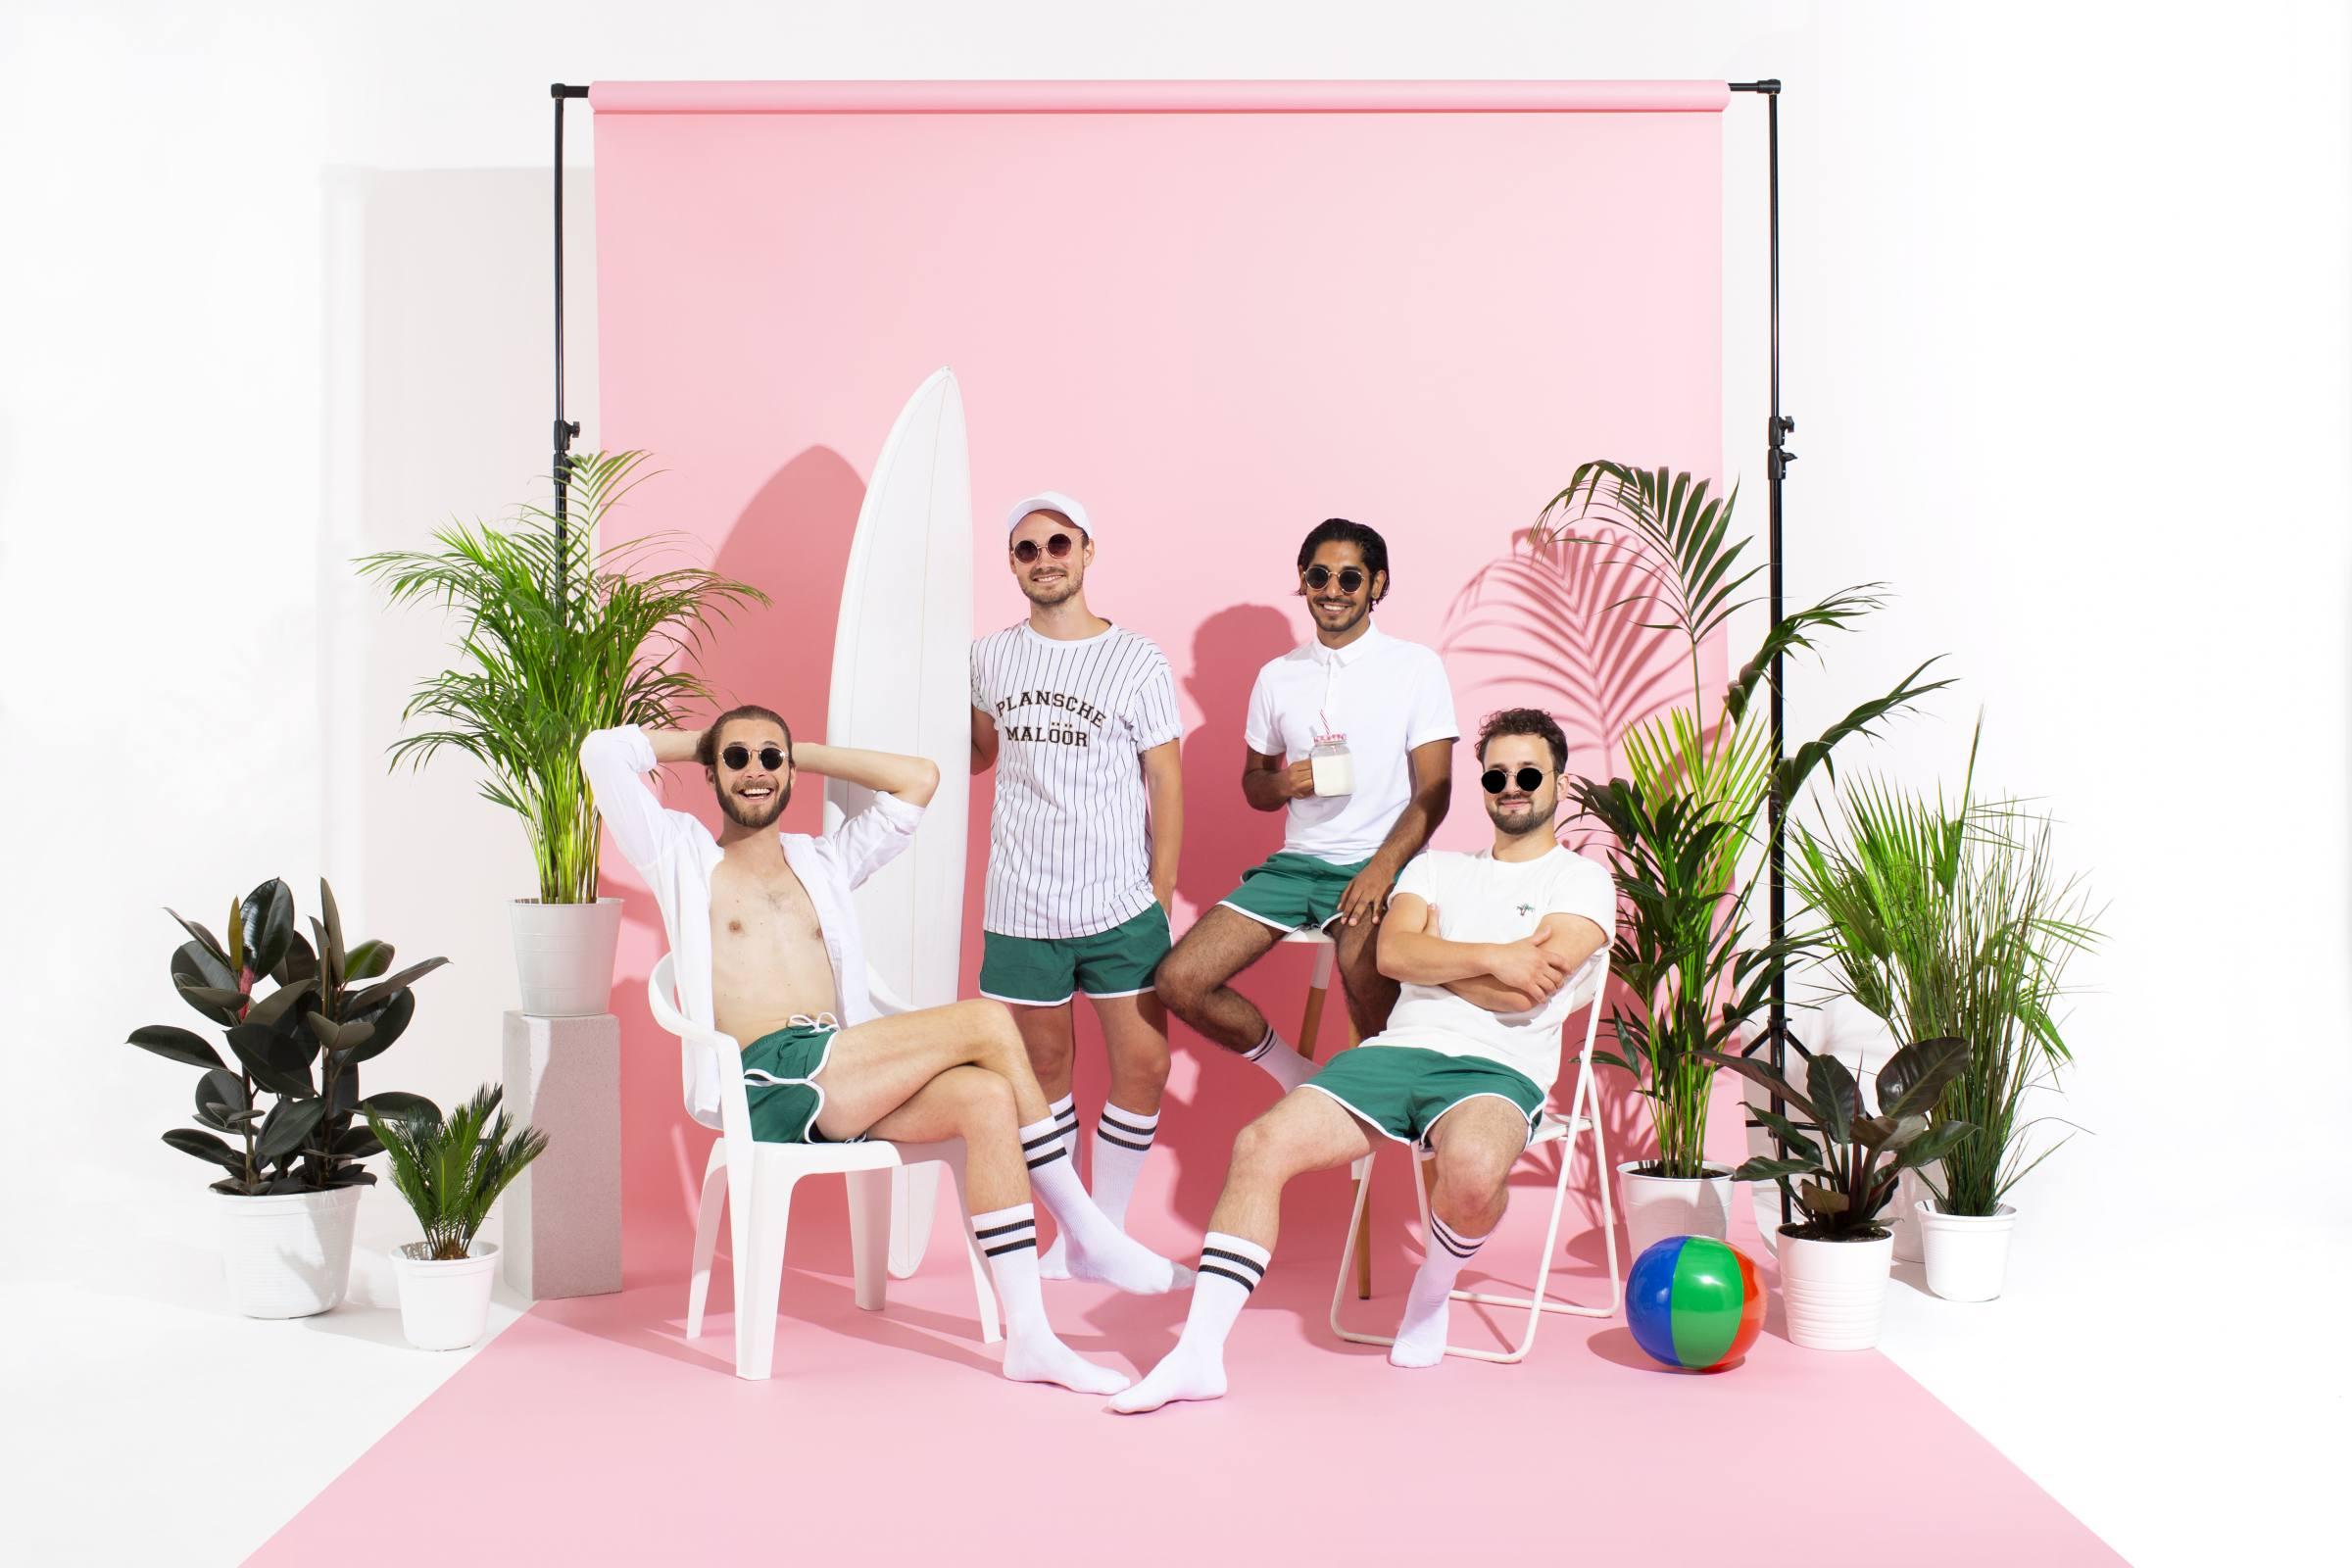 Werbebild von Planschemalöör: die Band posiert vor einer rosa wand und sonnt sich im Scheinwerferlicht